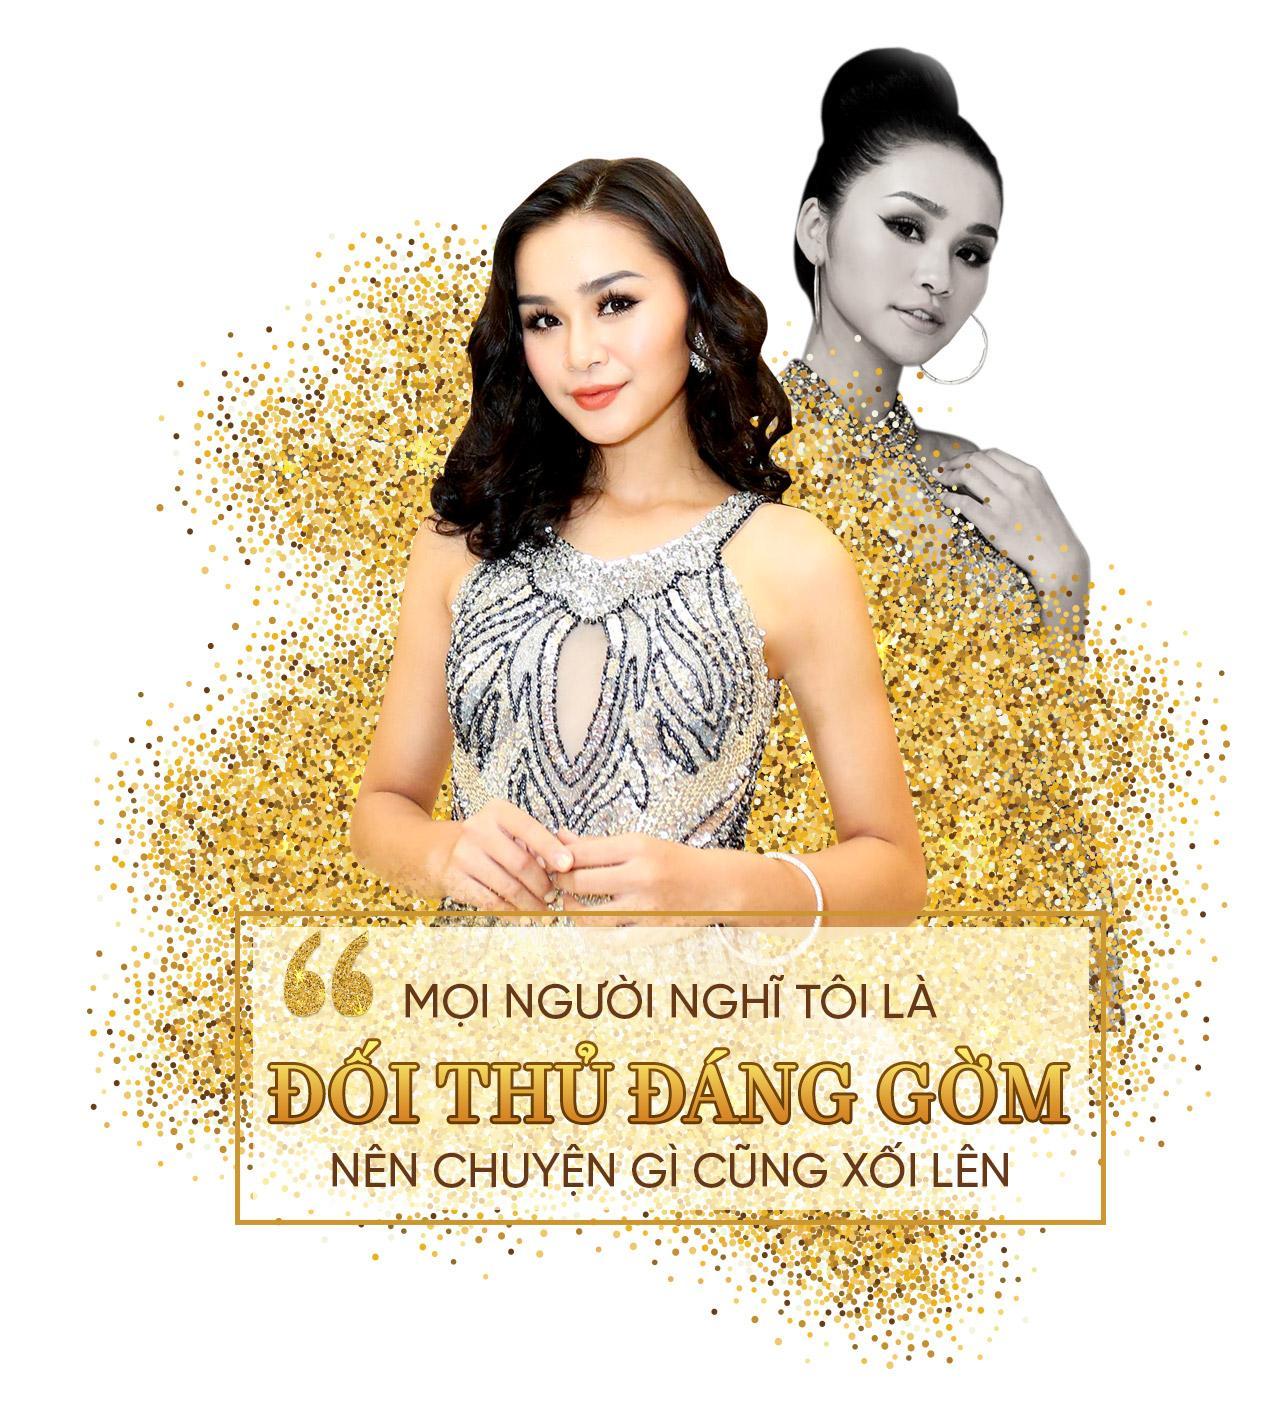 Lê Thu Trang - cô gái đá váy Mâu Thủy: Tôi sẽ là đối thủ đáng gờm tại Hoa hậu Hoàn vũ Việt Nam 2019-3